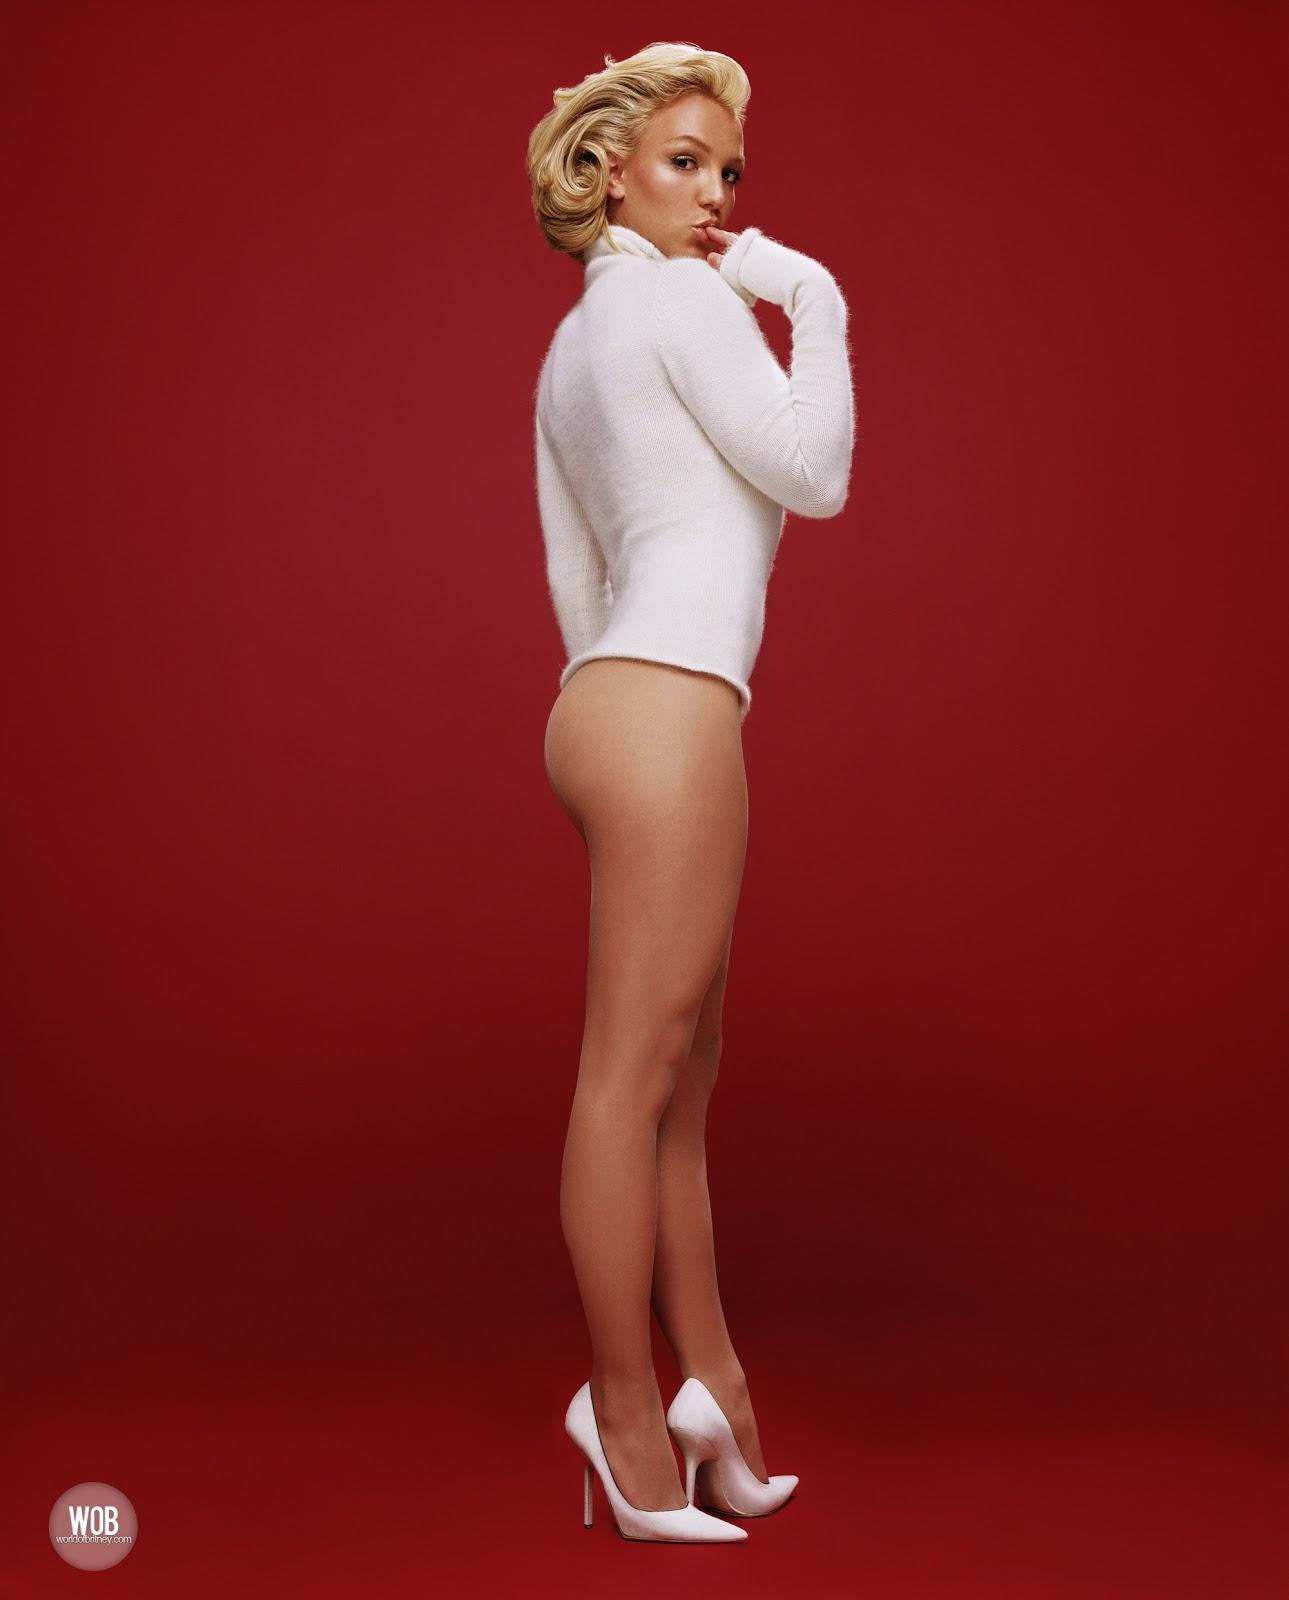 http://3.bp.blogspot.com/-JYEQRqntq7Q/UJRGaUp5VbI/AAAAAAAAQ6Q/2lvdi3L_f-s/s1600/Hot_Britney_Spears_Chupando_Dedo.jpg